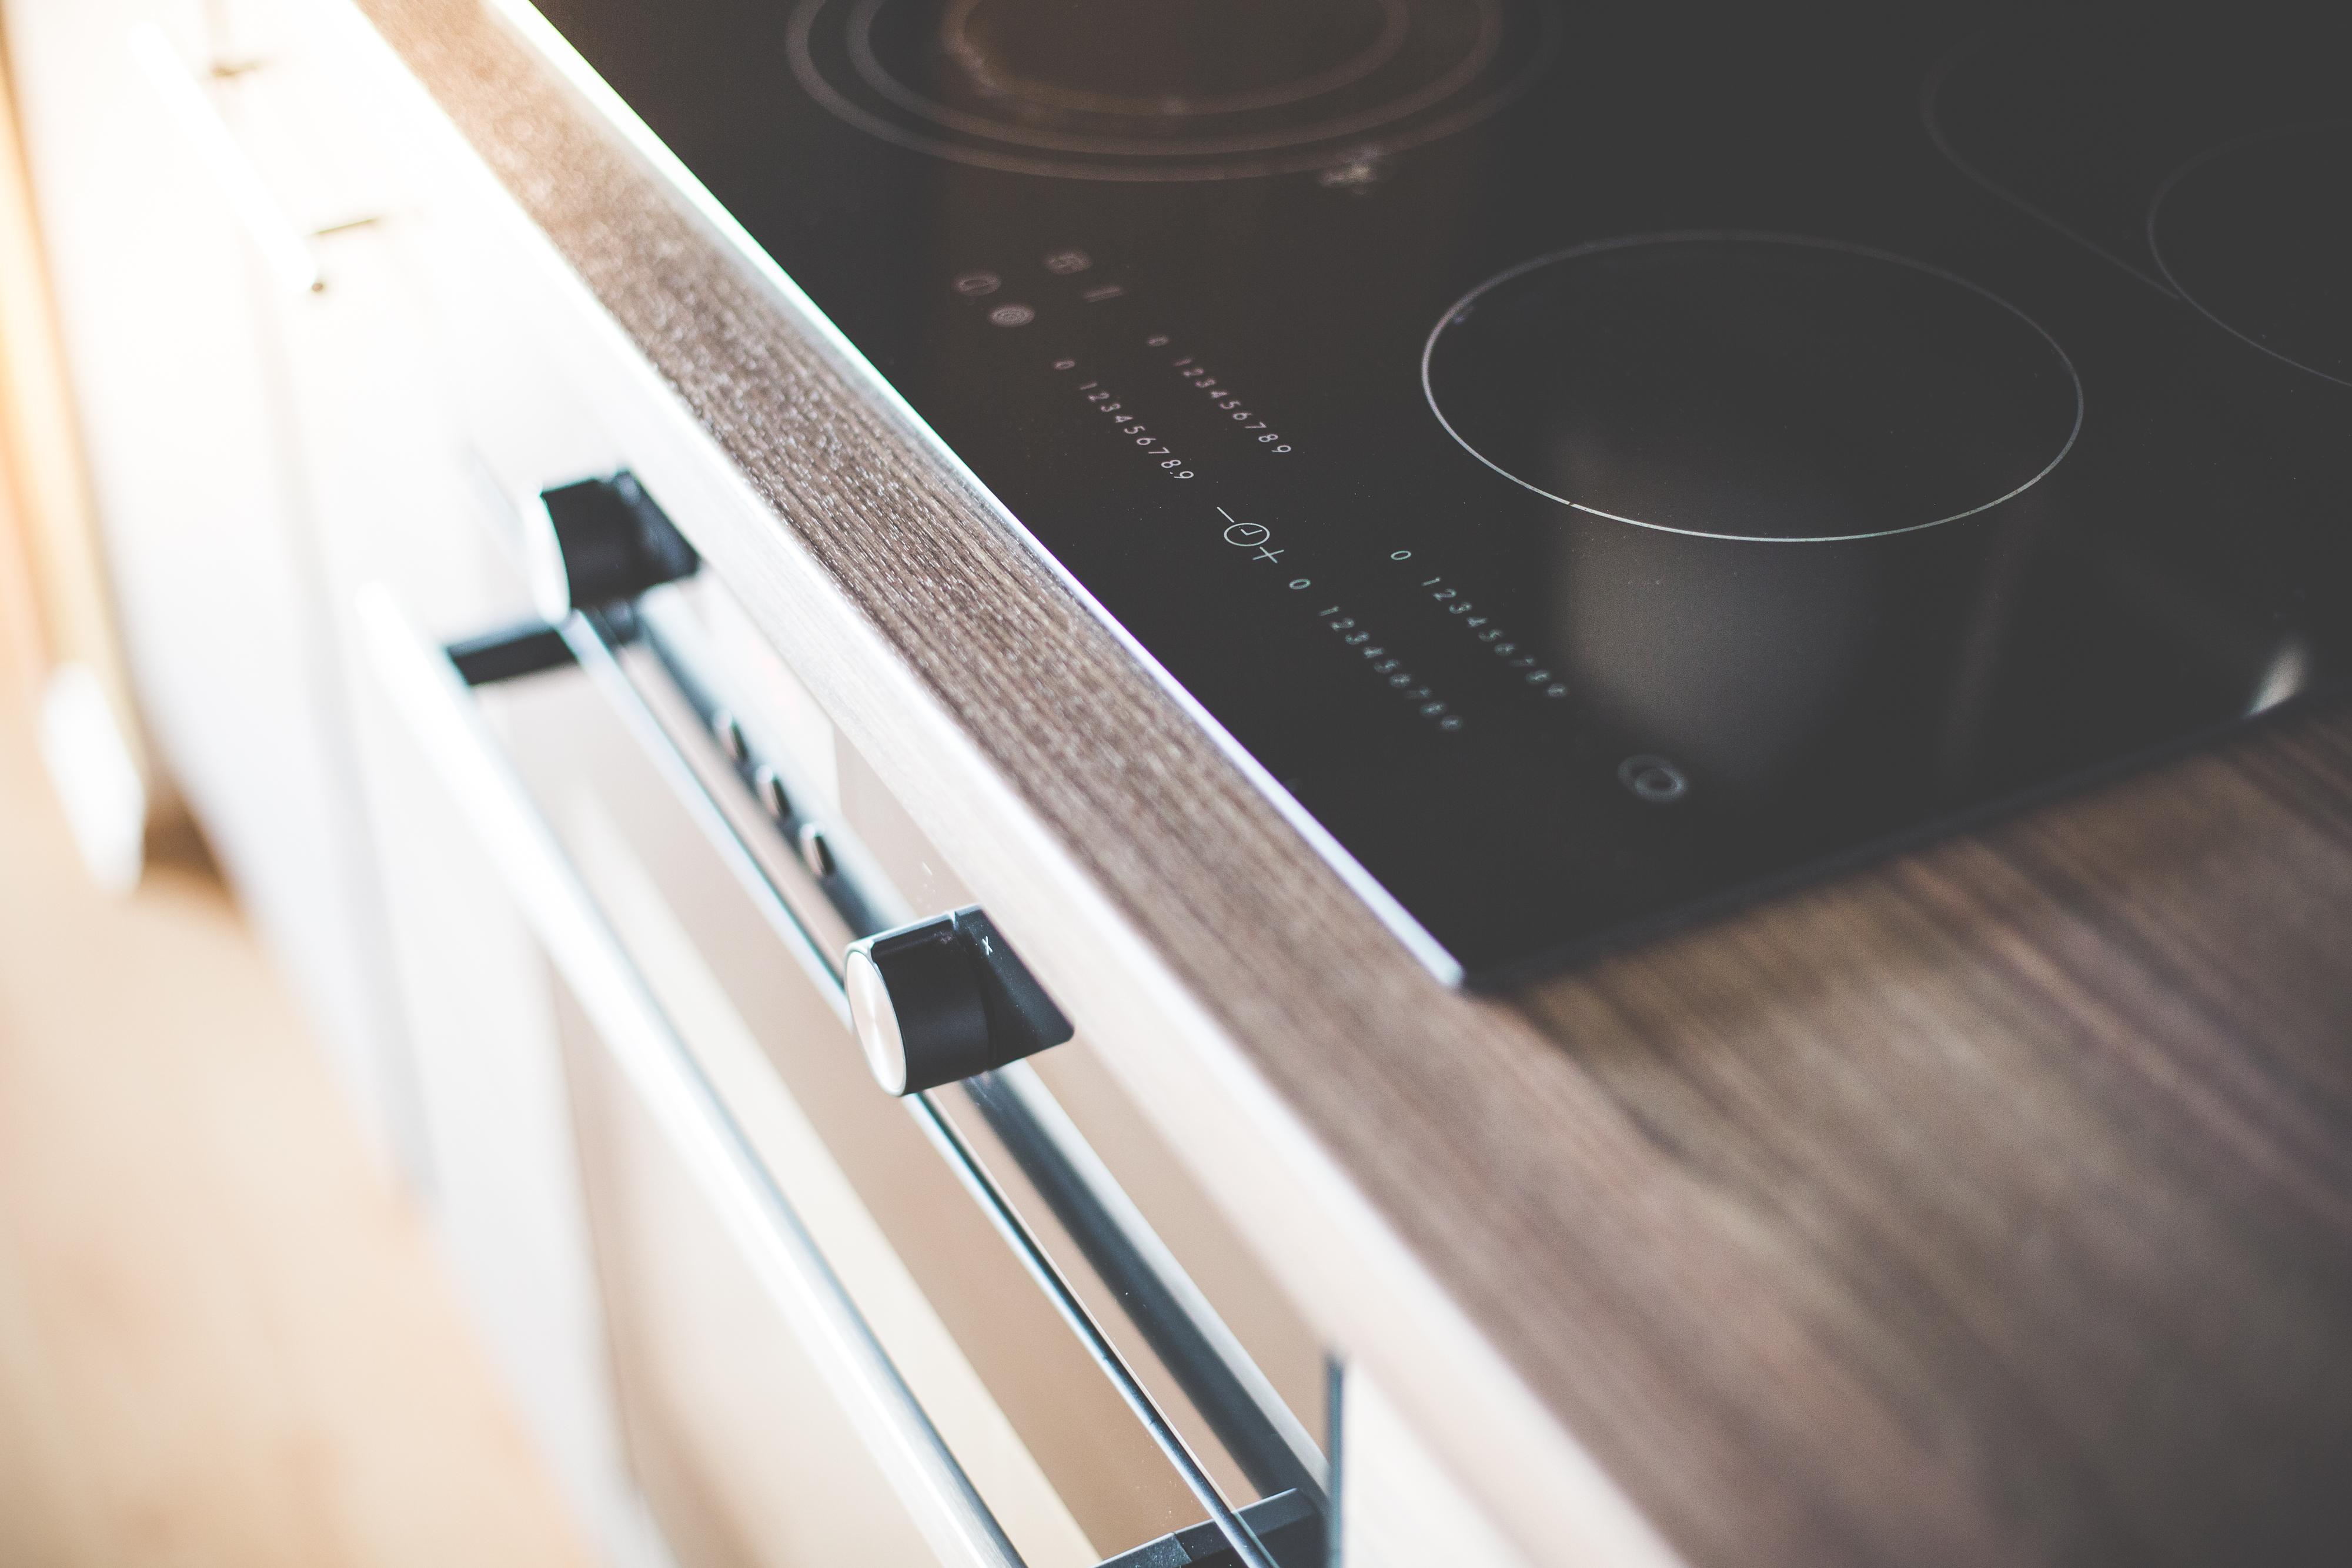 ratgeber zum thema elektroherd kaufen info test und n tzliche tipps haushaltsfrage. Black Bedroom Furniture Sets. Home Design Ideas